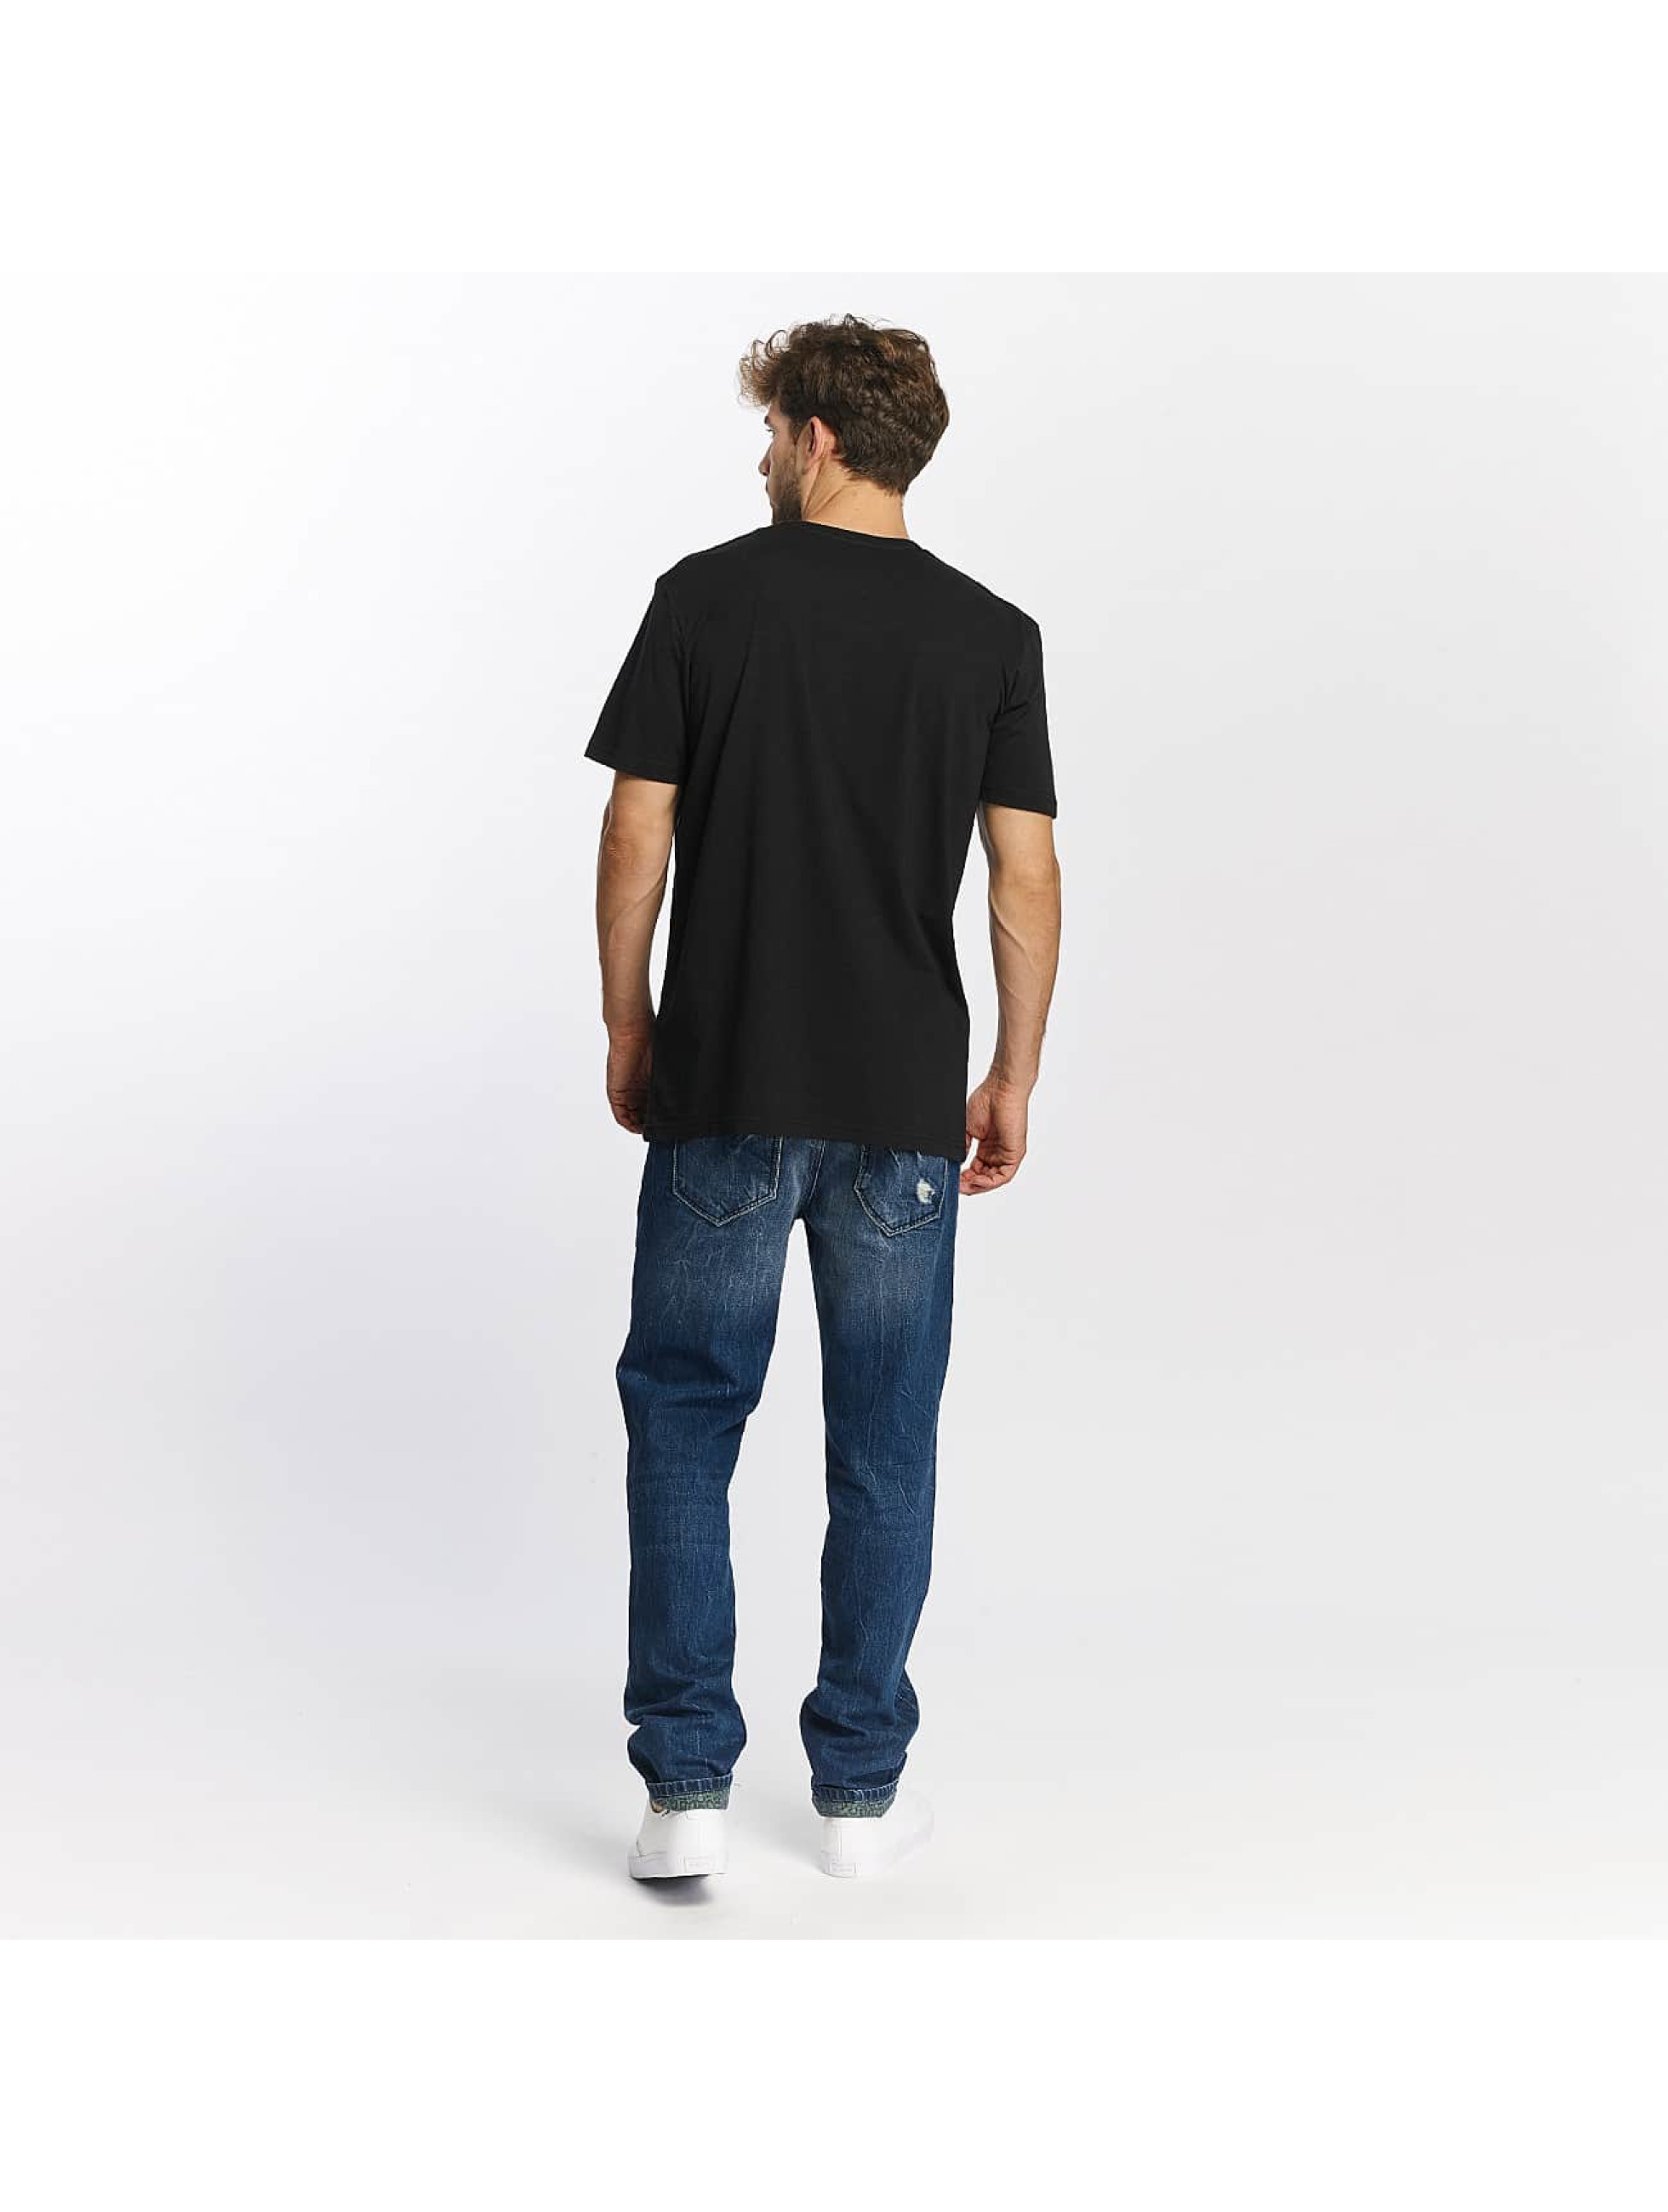 Quiksilver T-shirts Classic Coast Lines sort